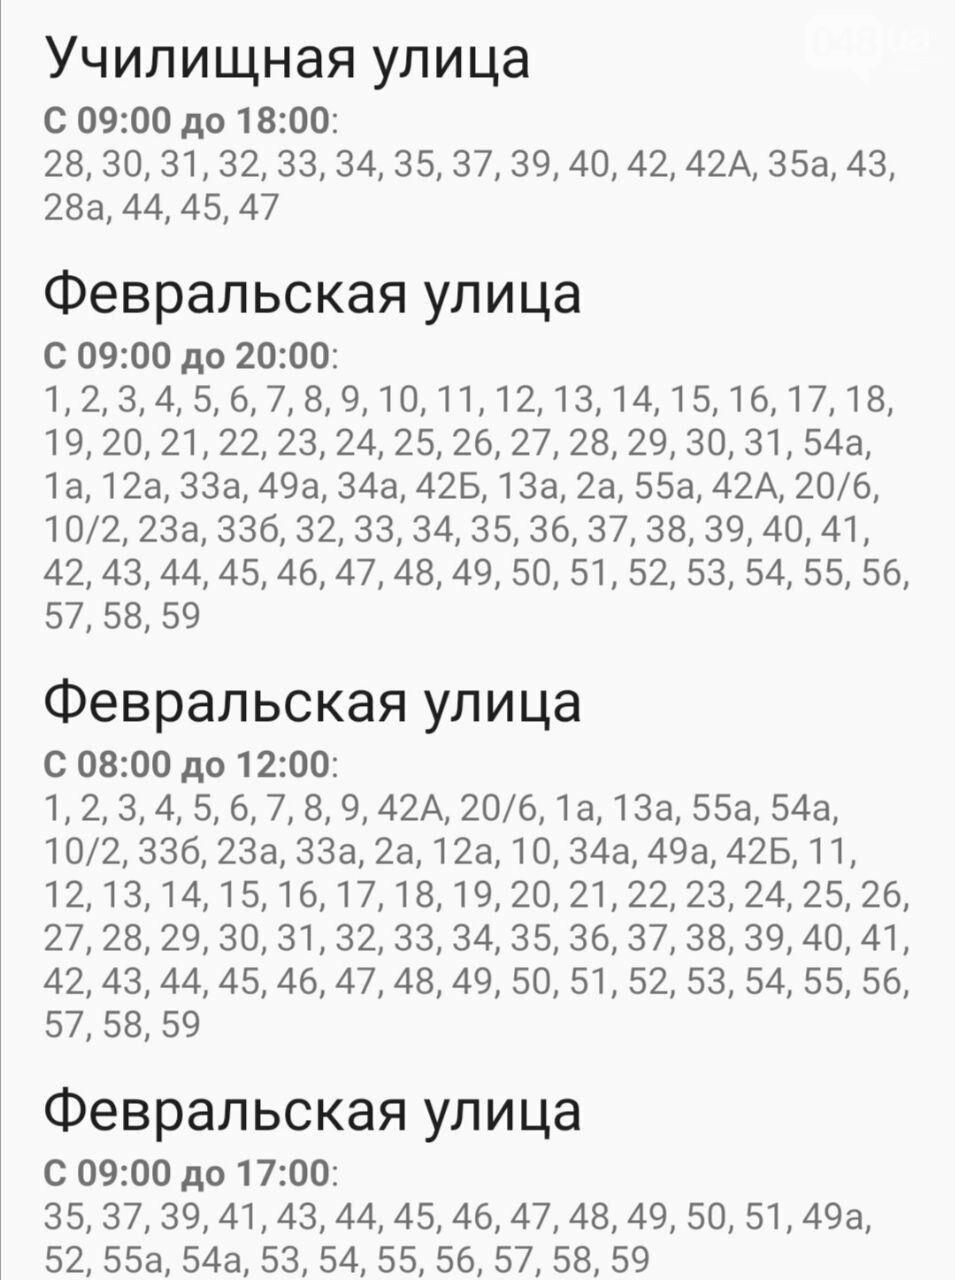 Отключения света в Одессе завтра: график на 7 октября47